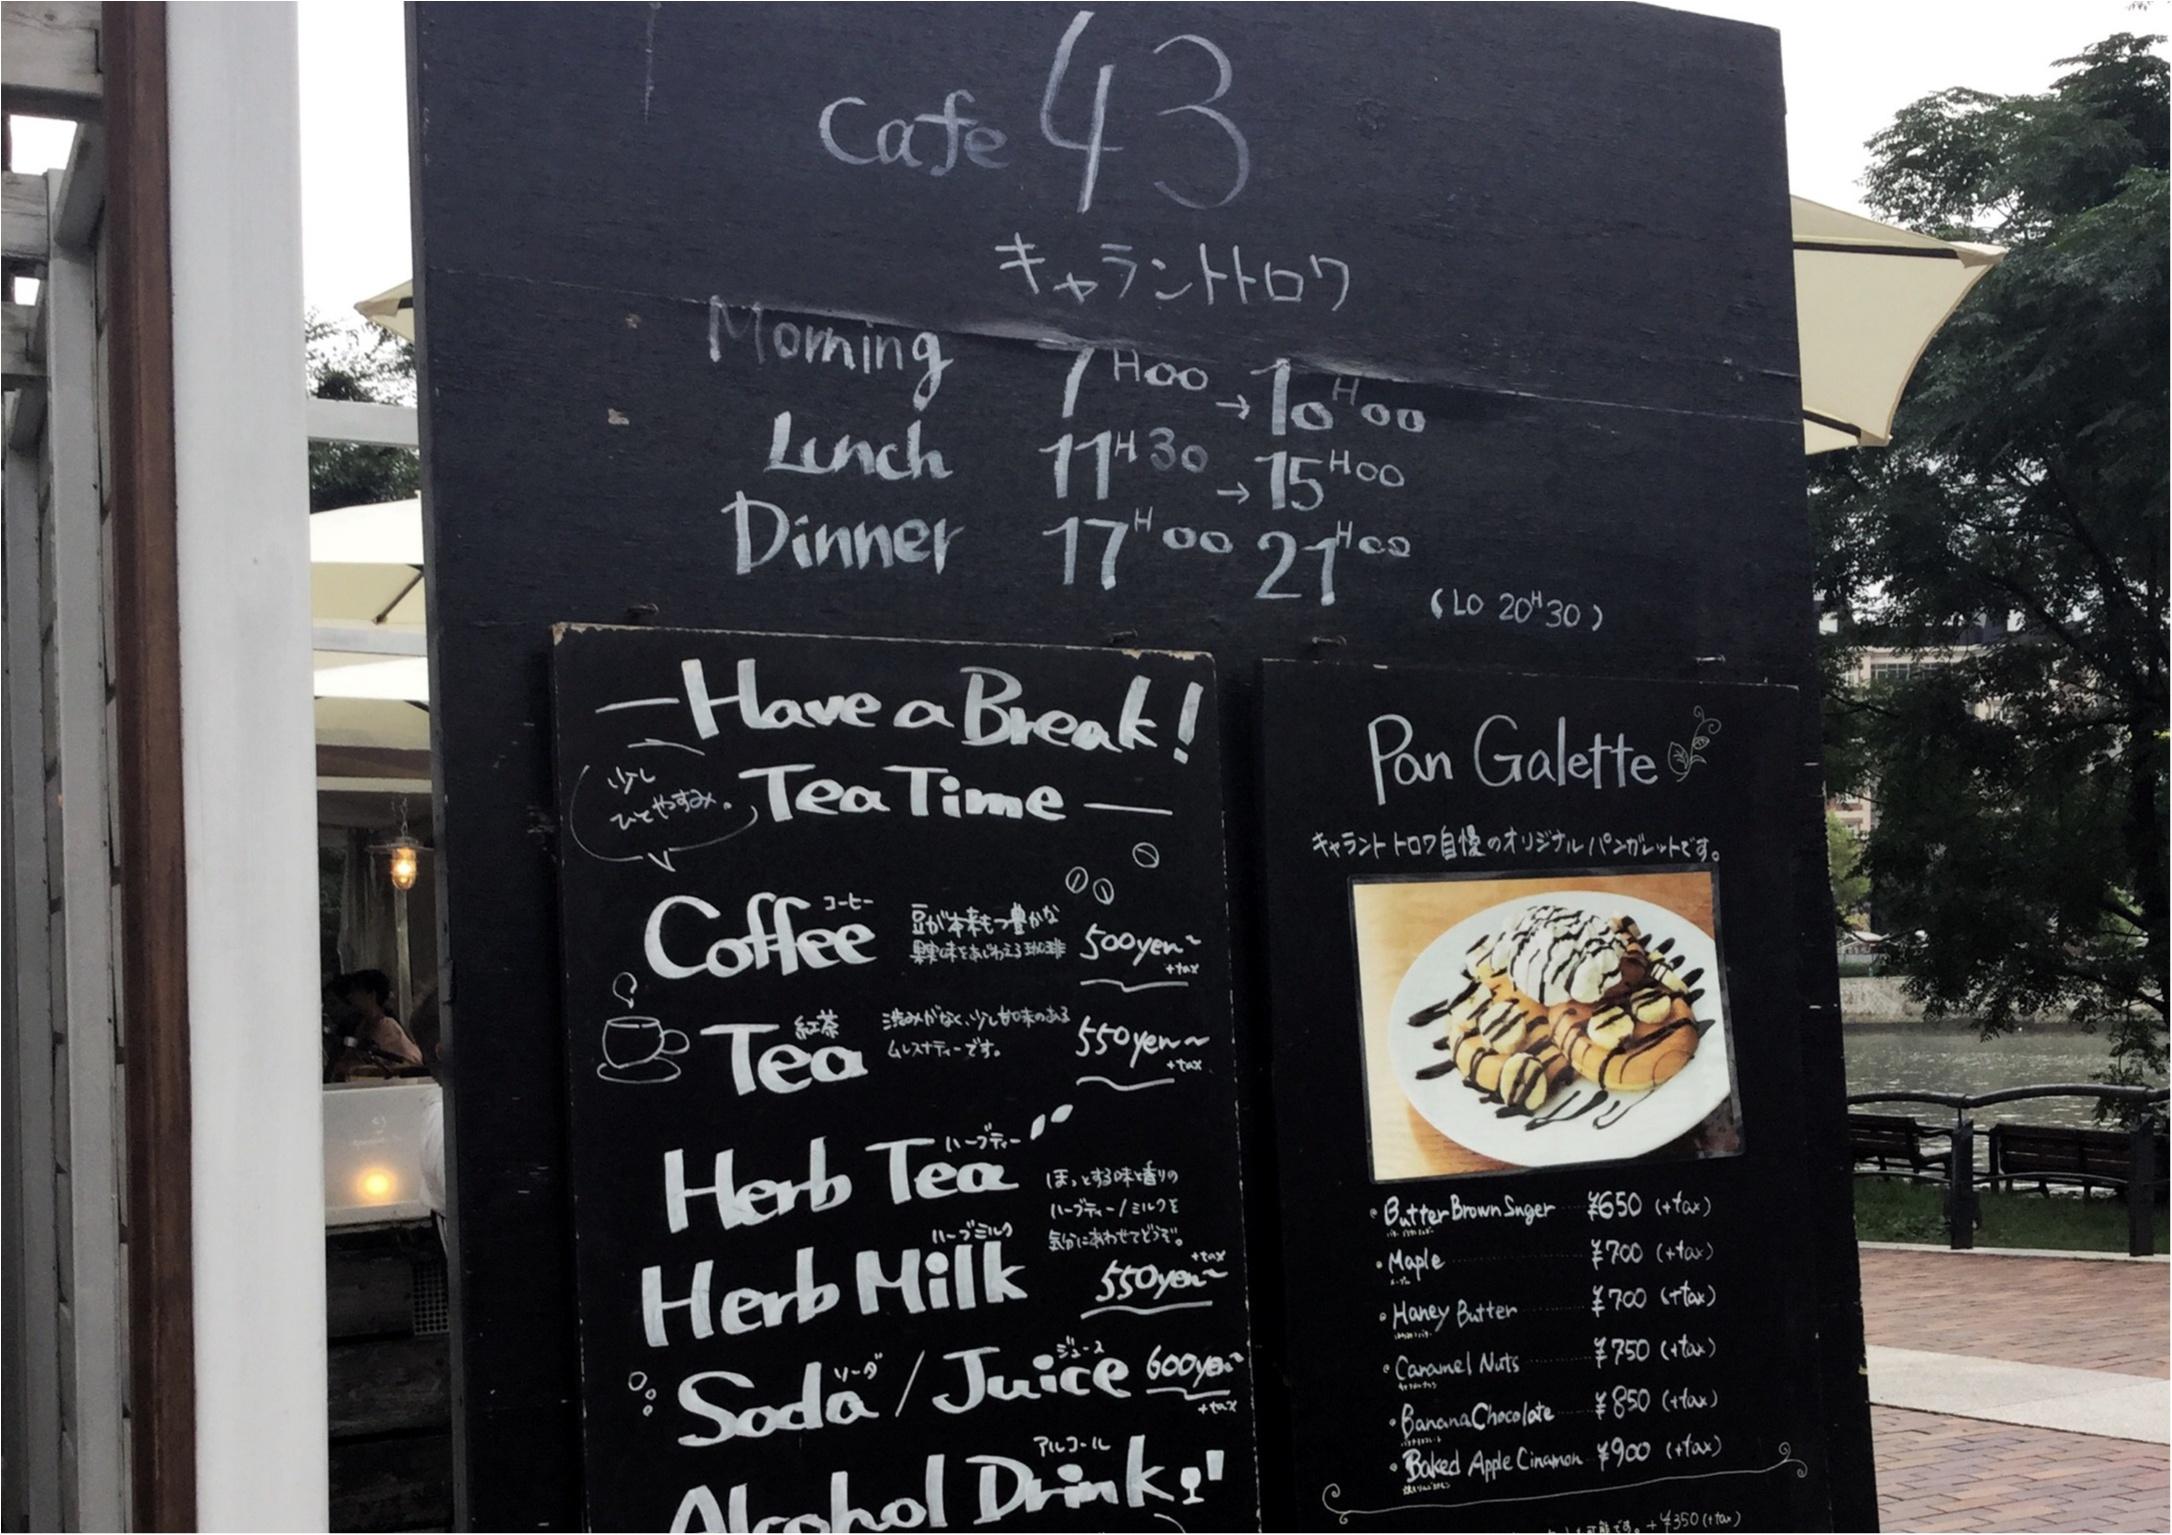 【人気No. 1カフェ】広島で最も人気なカフェ「43(キャラントトロワ)」パンガレットを食べながら癒しタイムを過ごしませんか?_5